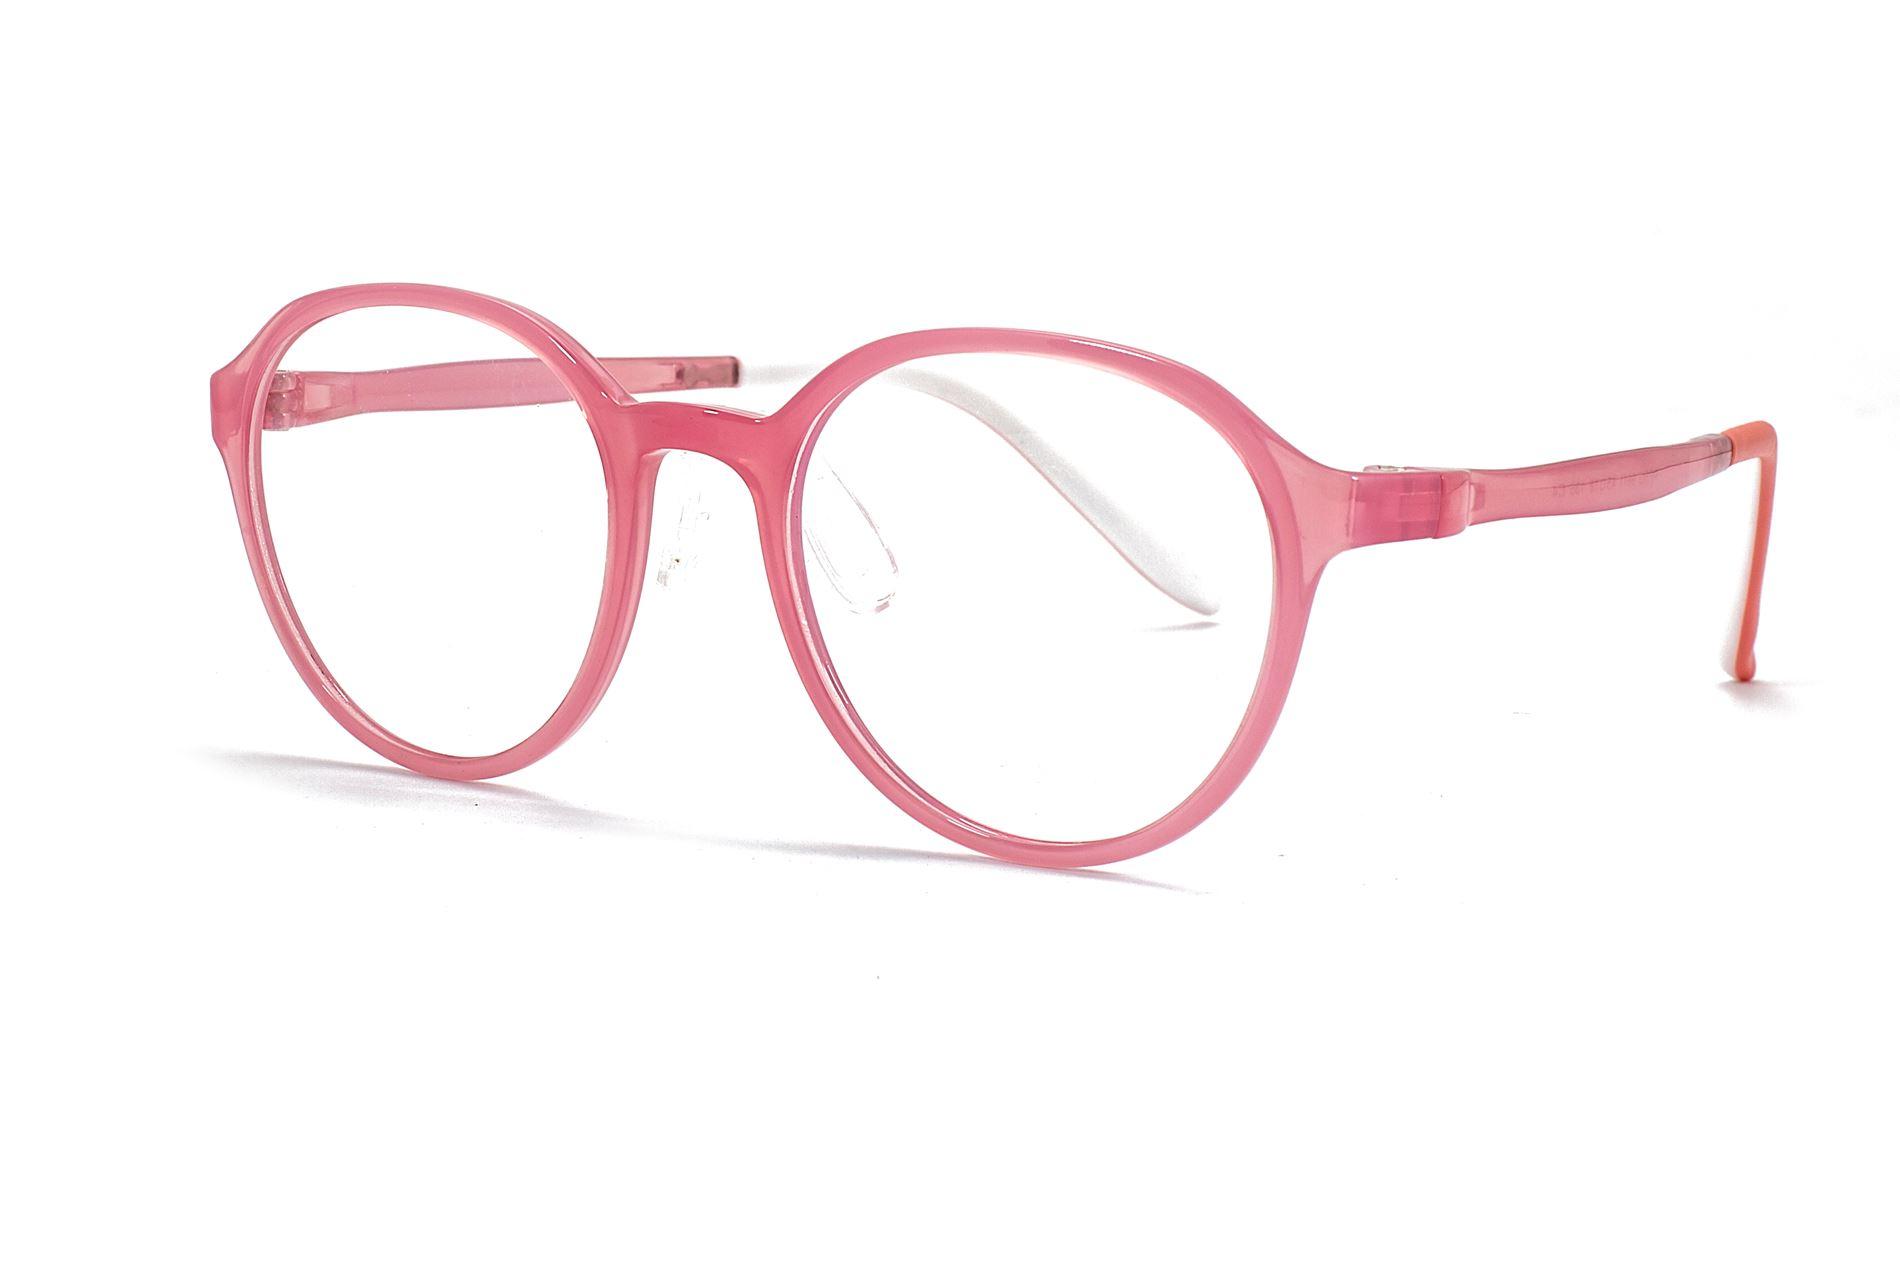 儿童抗蓝光眼镜含无度数镜片 9811-C41